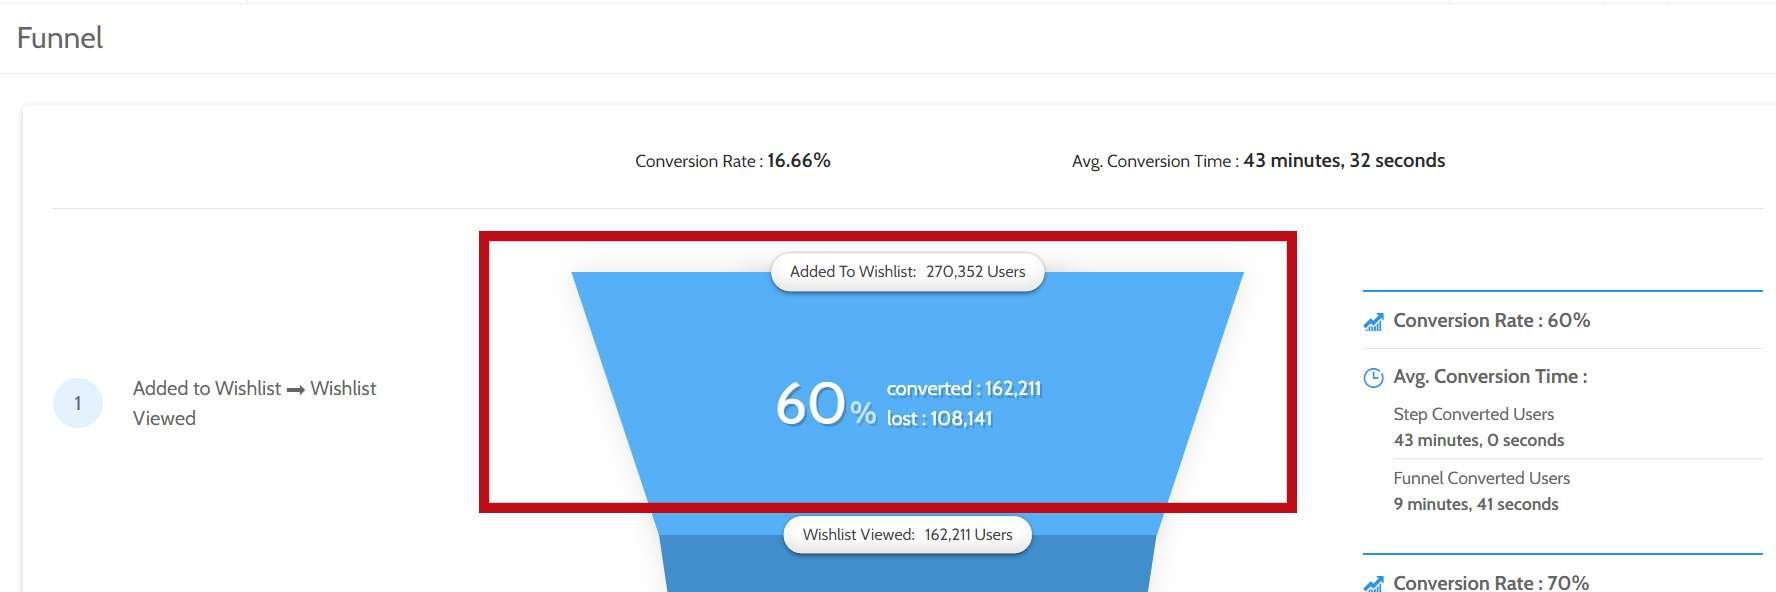 تعداد کاربران در قیف بازاریابی